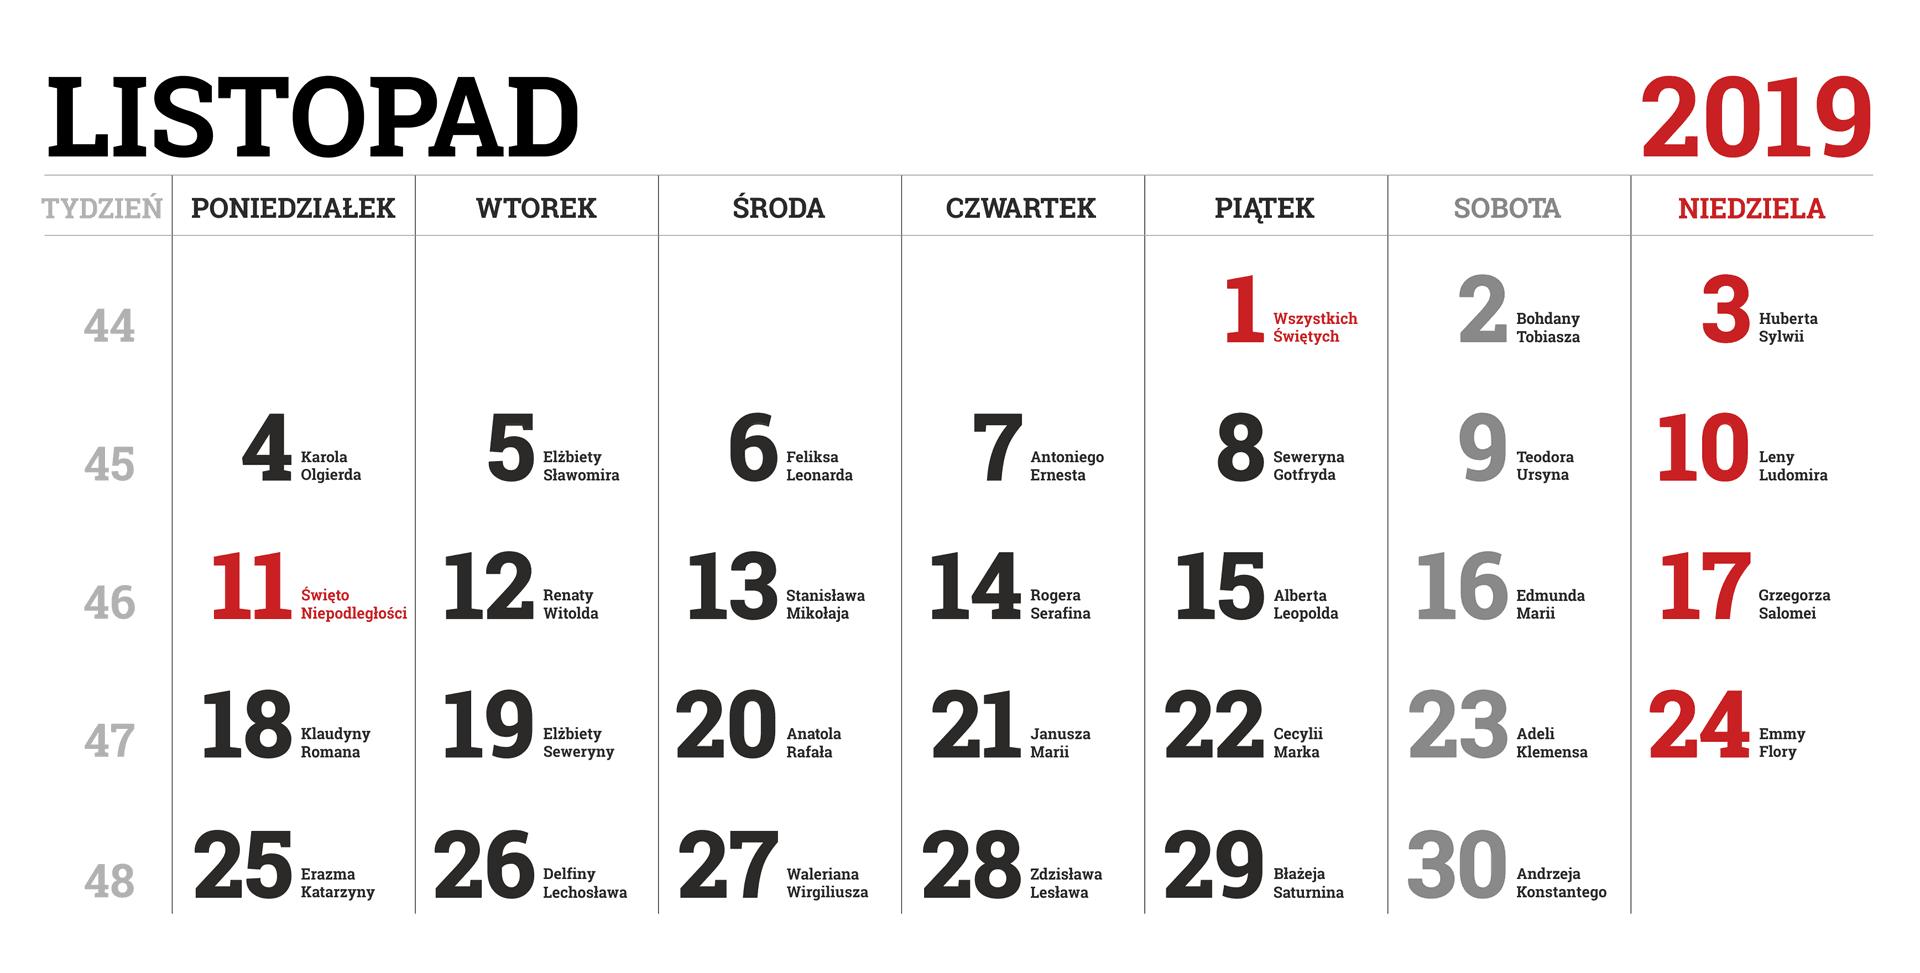 Kalendarium miesiąca listopada 2019 roku